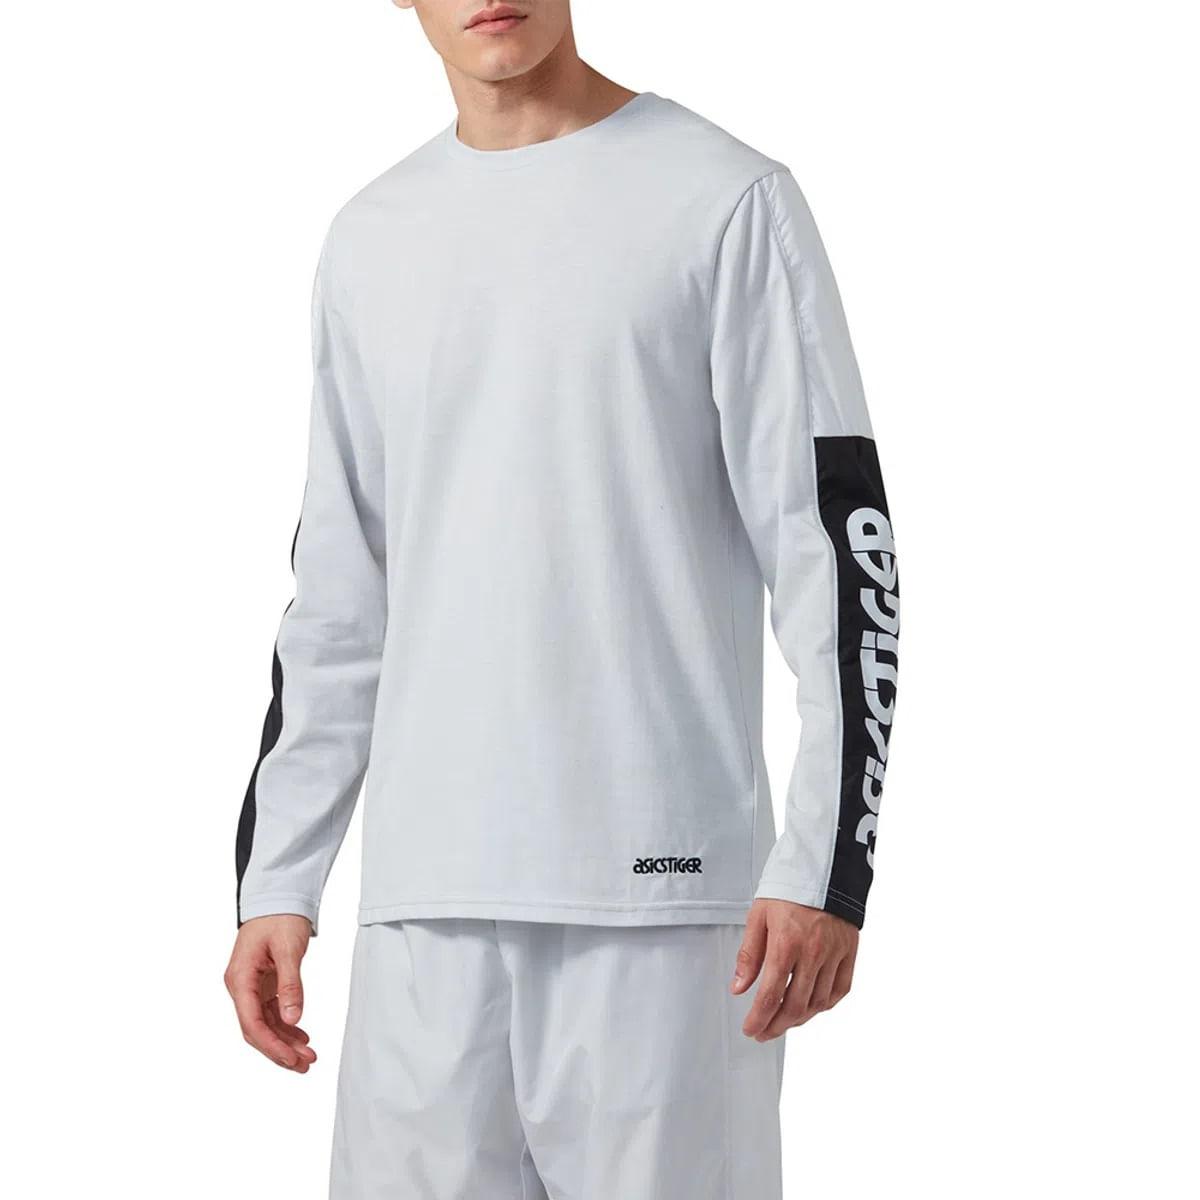 Camiseta-Asics-Long-Sleeve---Masculino---Cinza